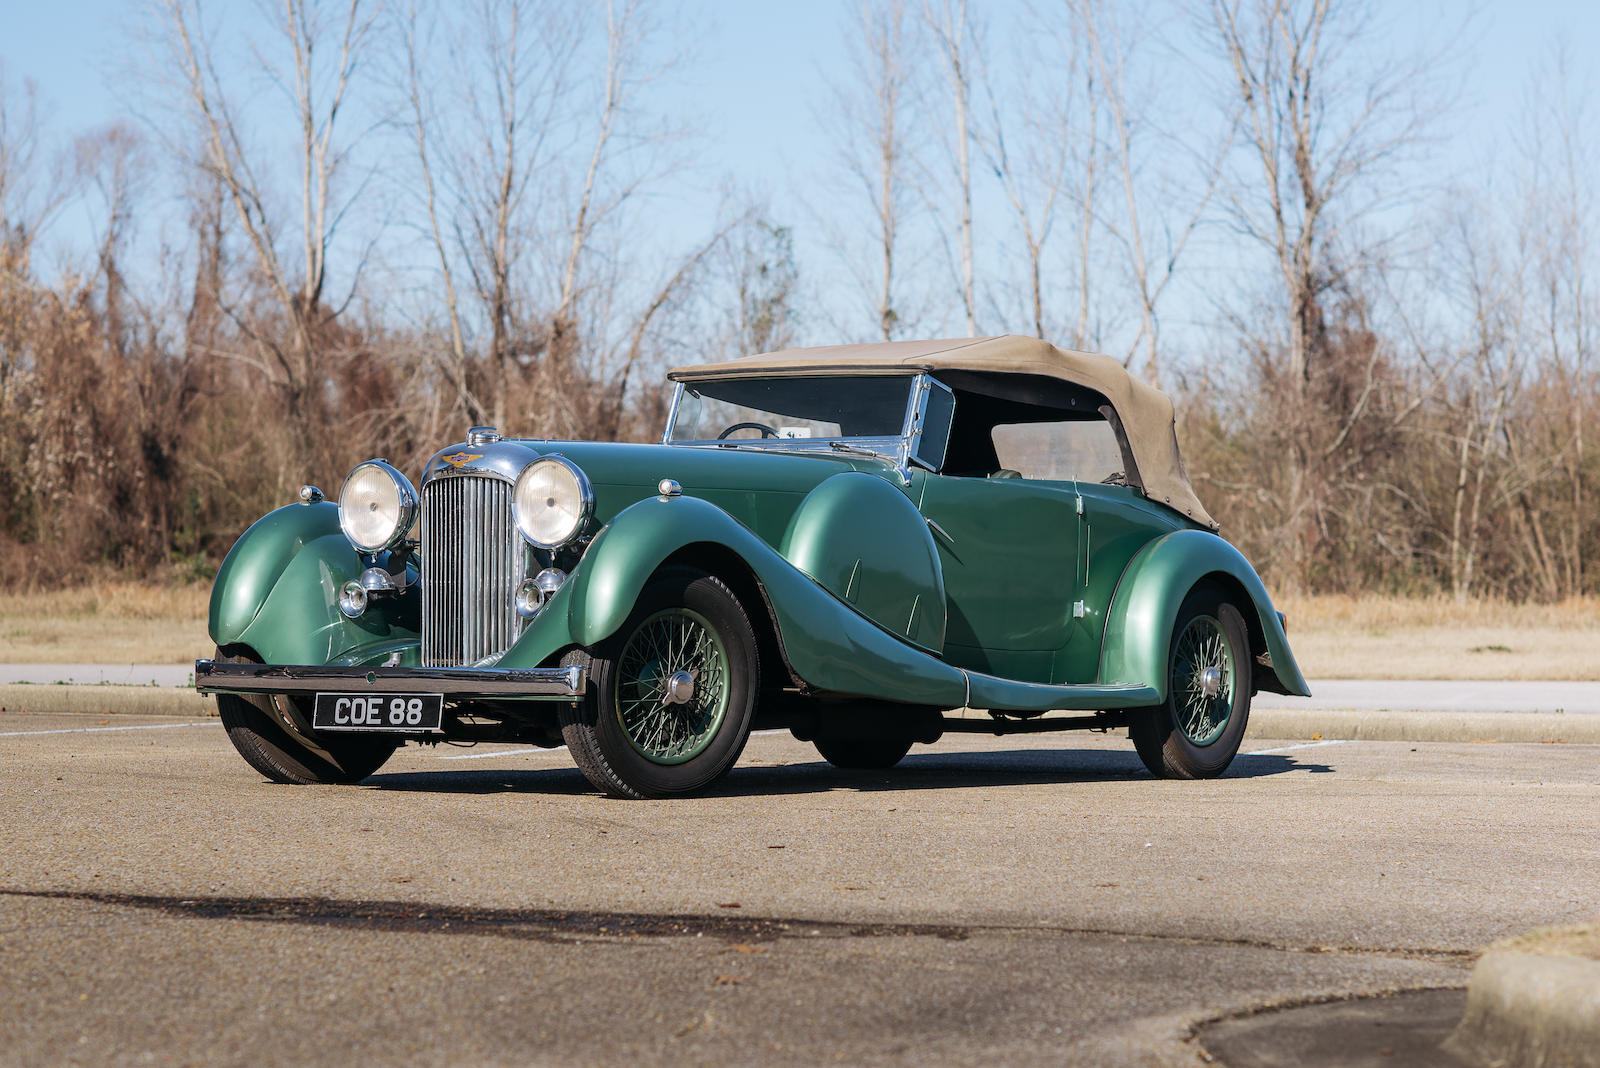 1936 Lagonda LG45 Tourer